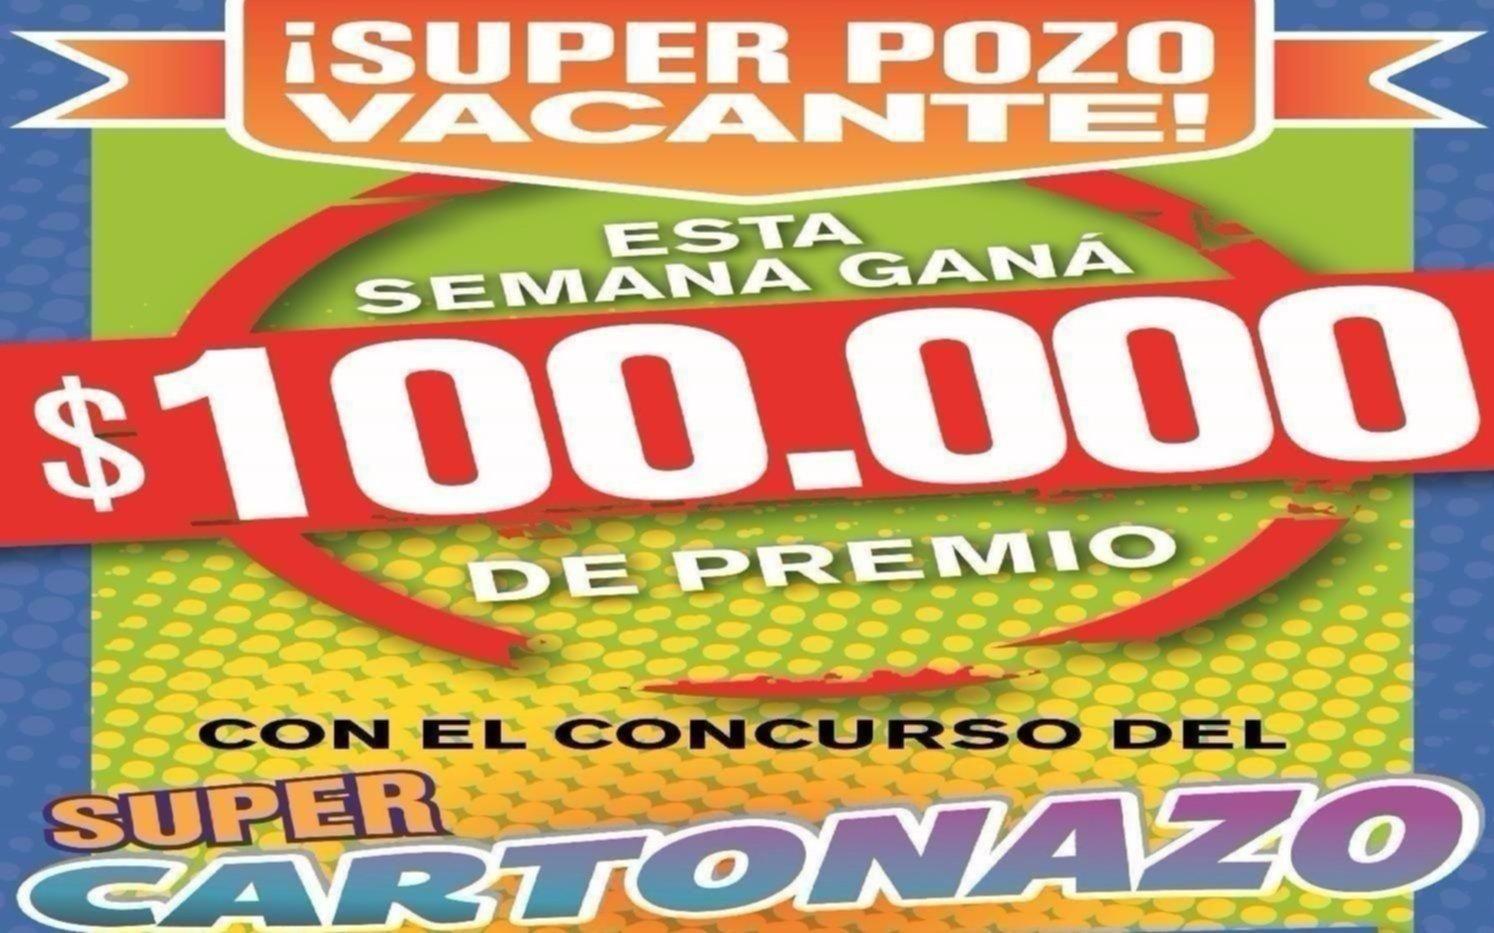 Sin ganadores en el Cartonazo, se formó un pozo doble por $100 mil para la nueva jugada